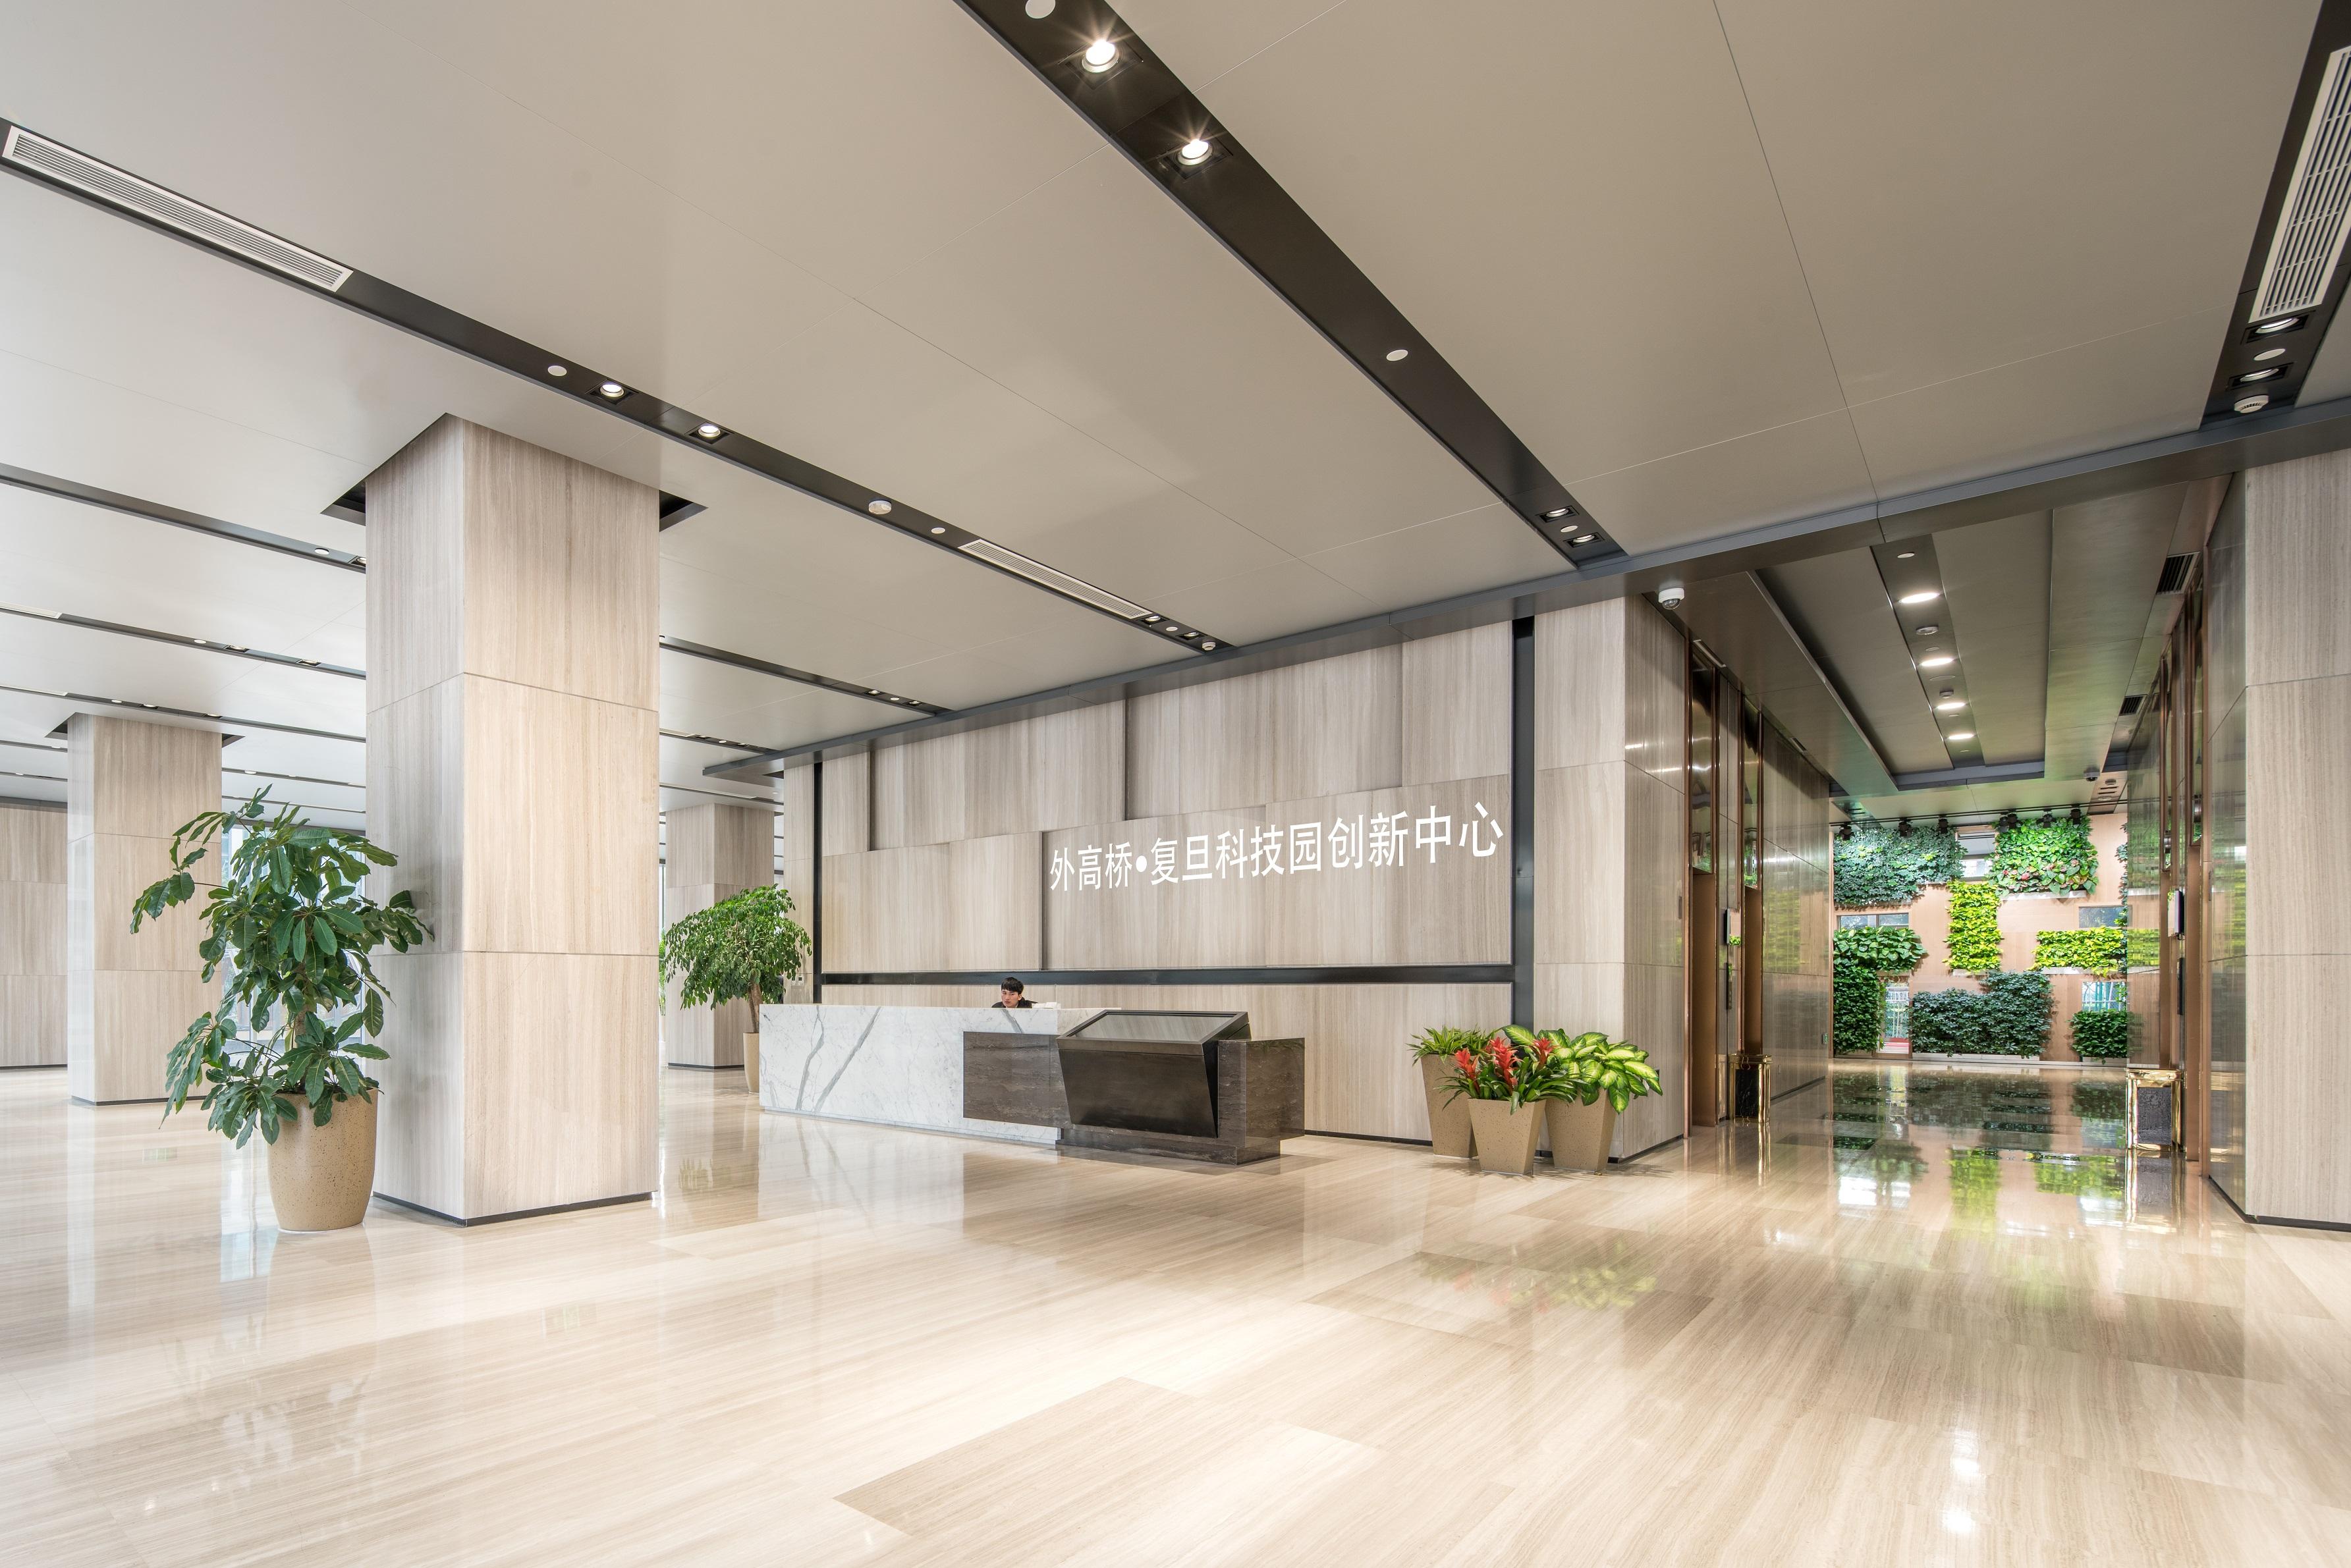 外高桥复旦科技园创新中心-2